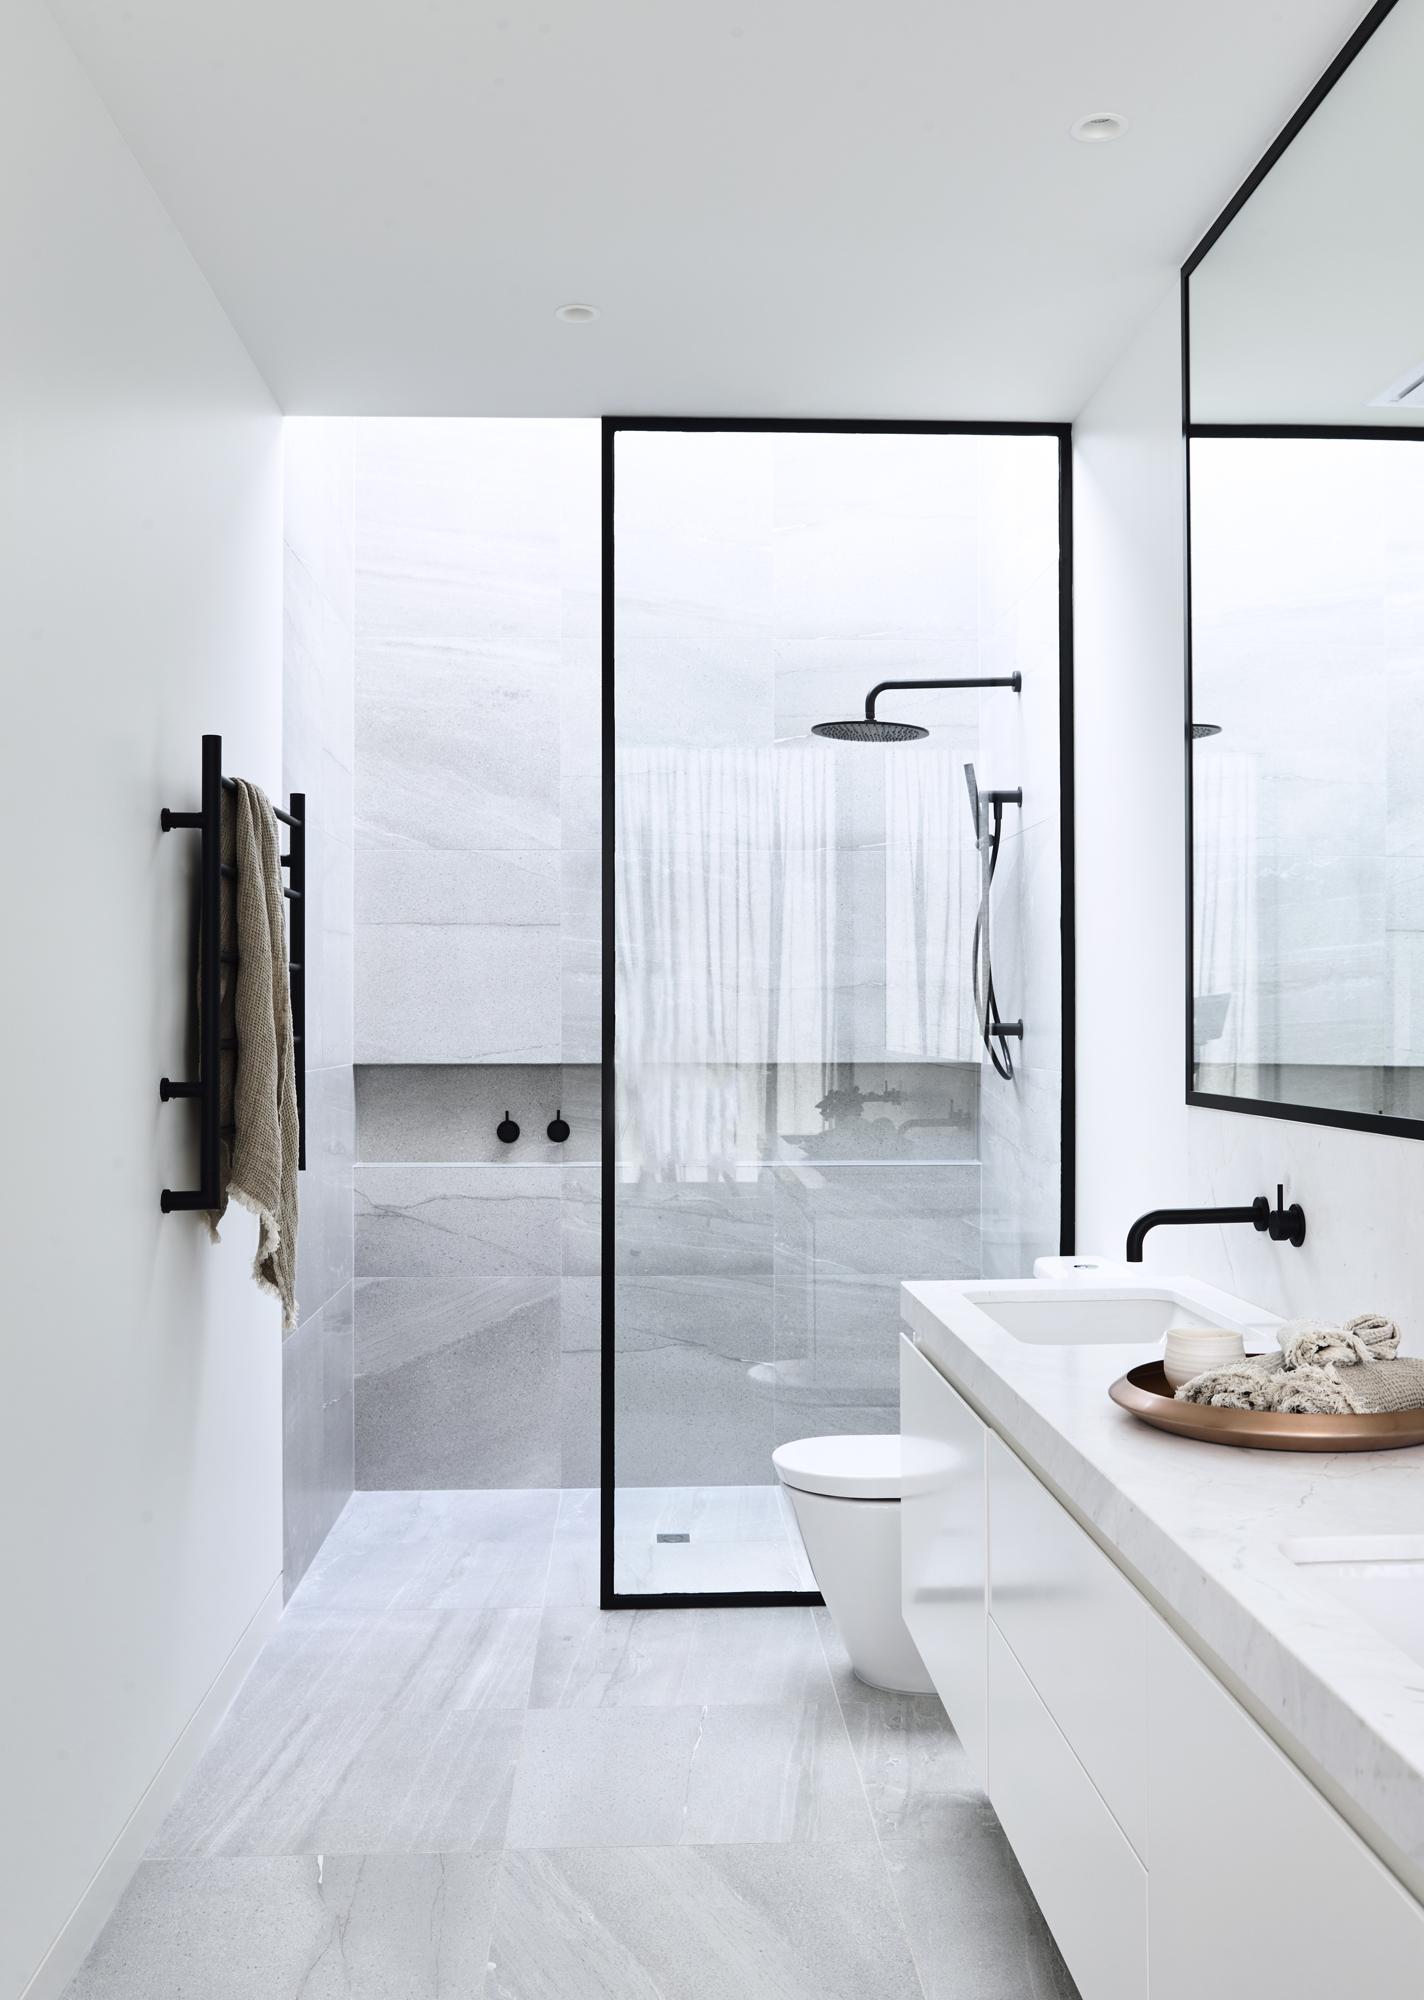 Luxe badkamer met zwart marmer | Interieur inrichting